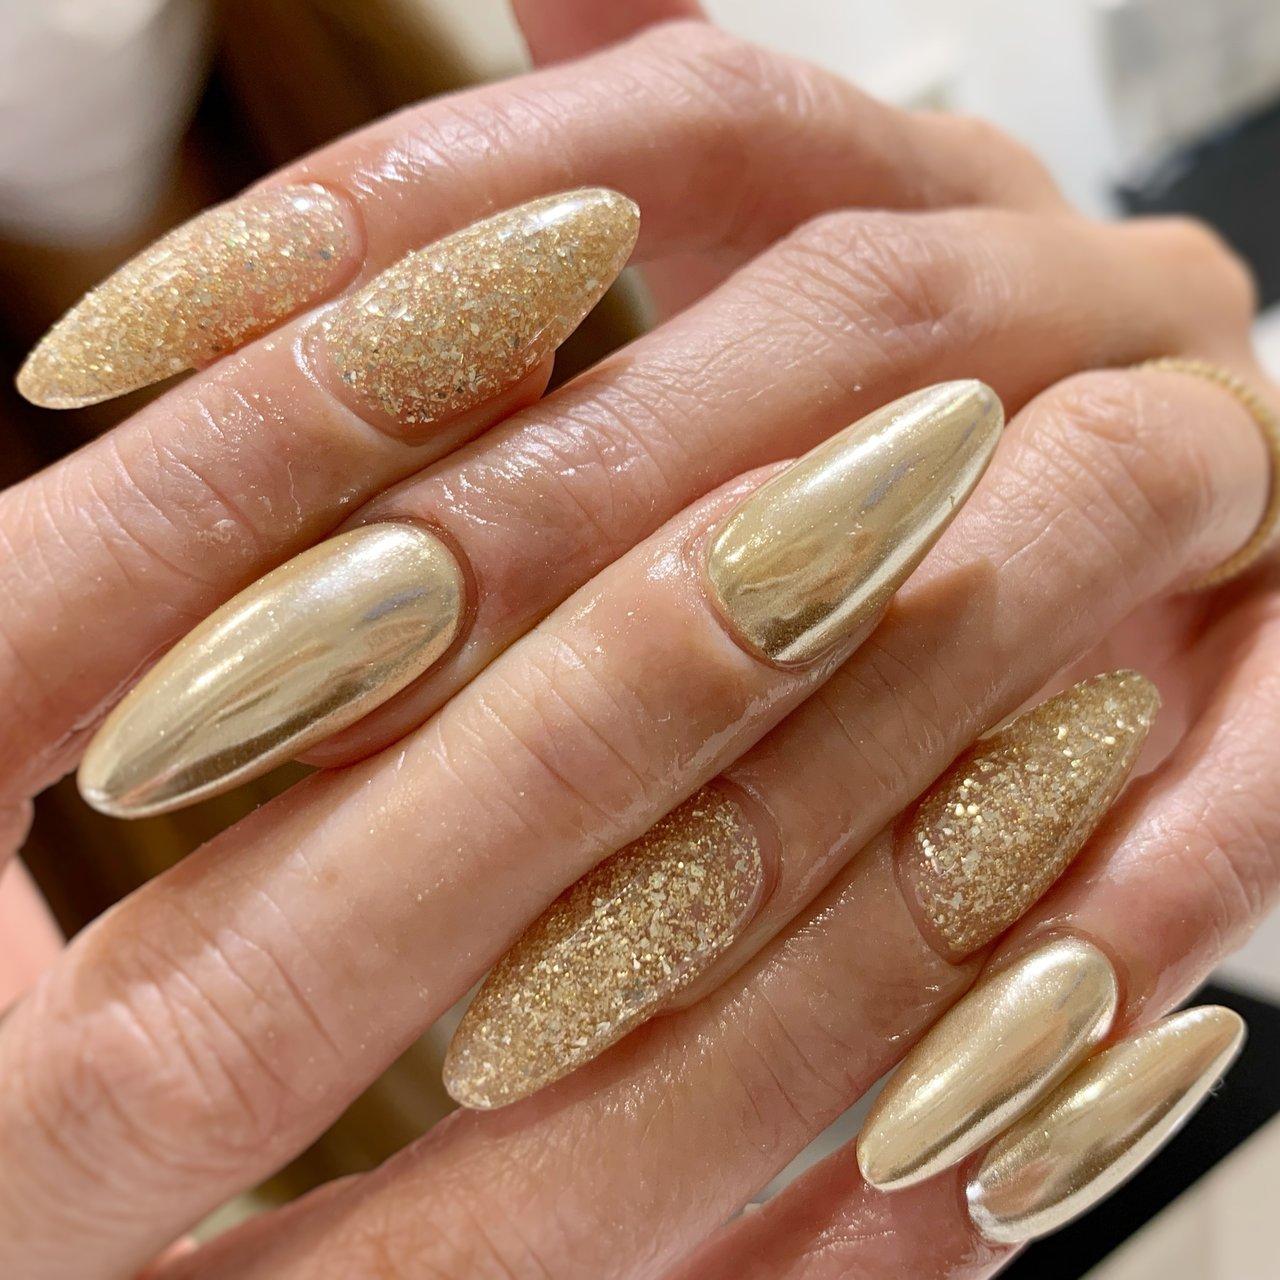 #ミラーネイル #Tiara nail #ネイルブック